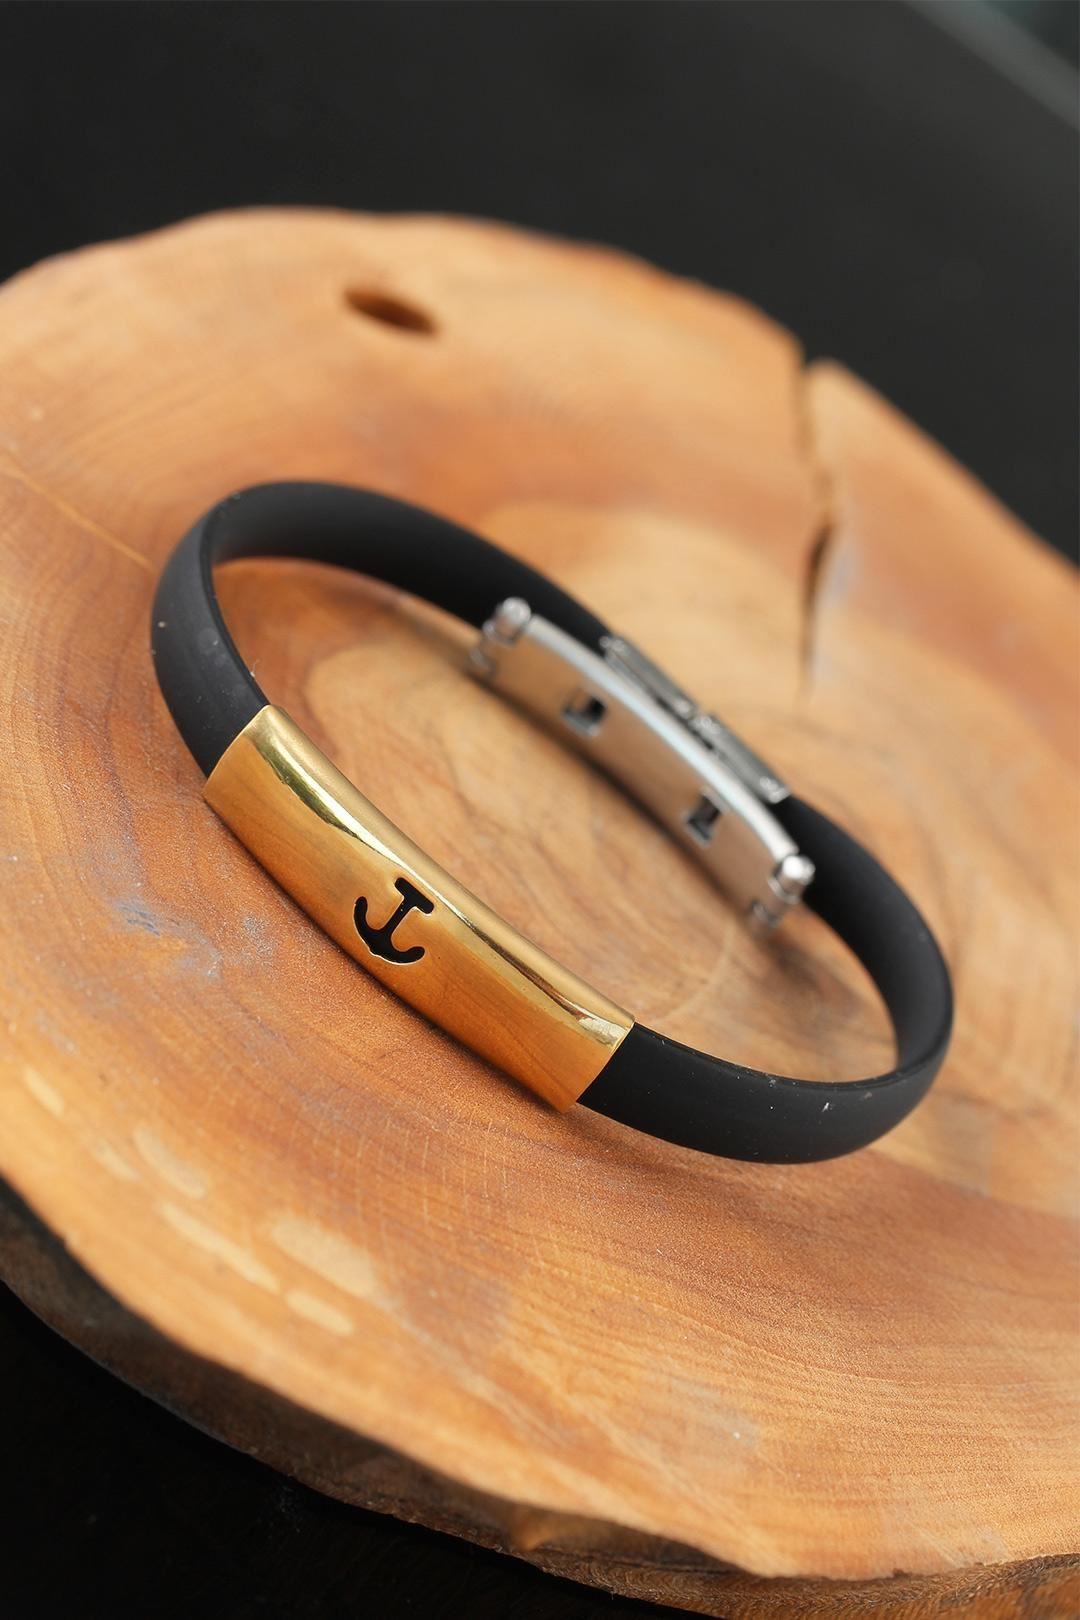 Gold Renk Metal Deniz Çapası Tasarım Siyah Renk Silikon Erkek Bileklik